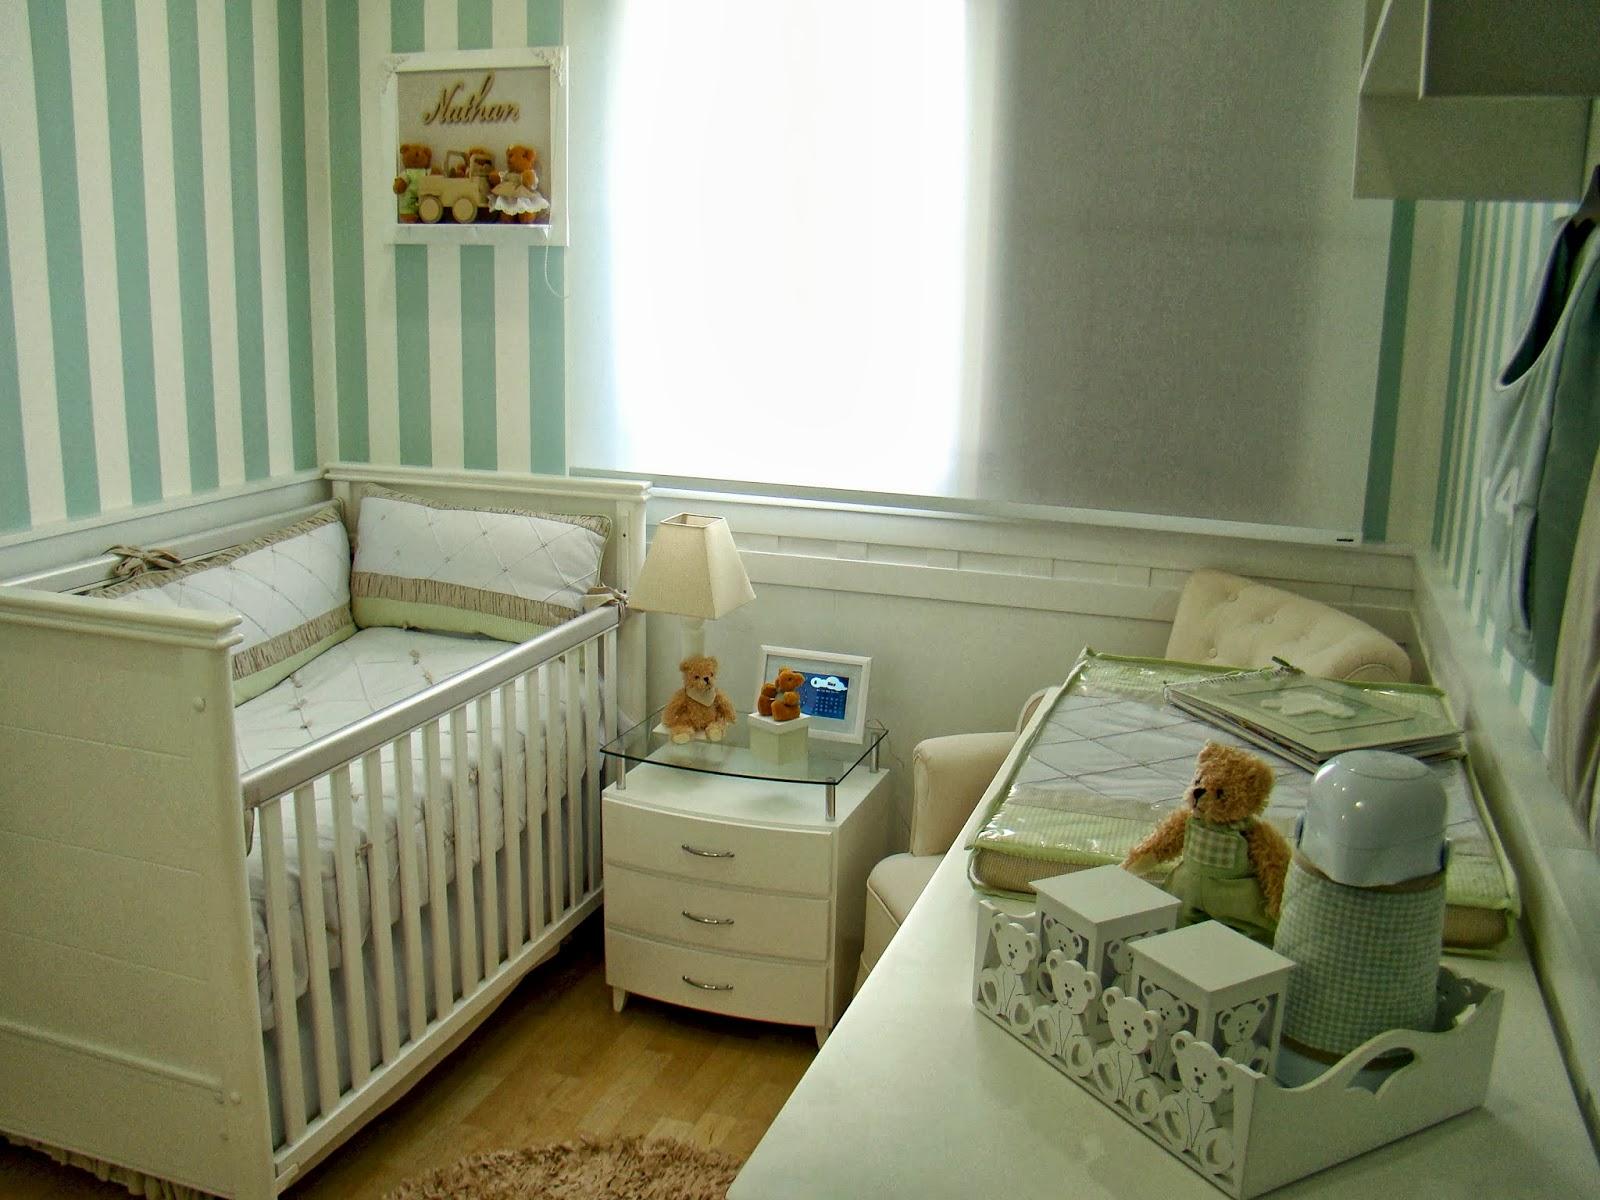 Bricolage E Decora O Sugest Es Para Quartos De Beb Com